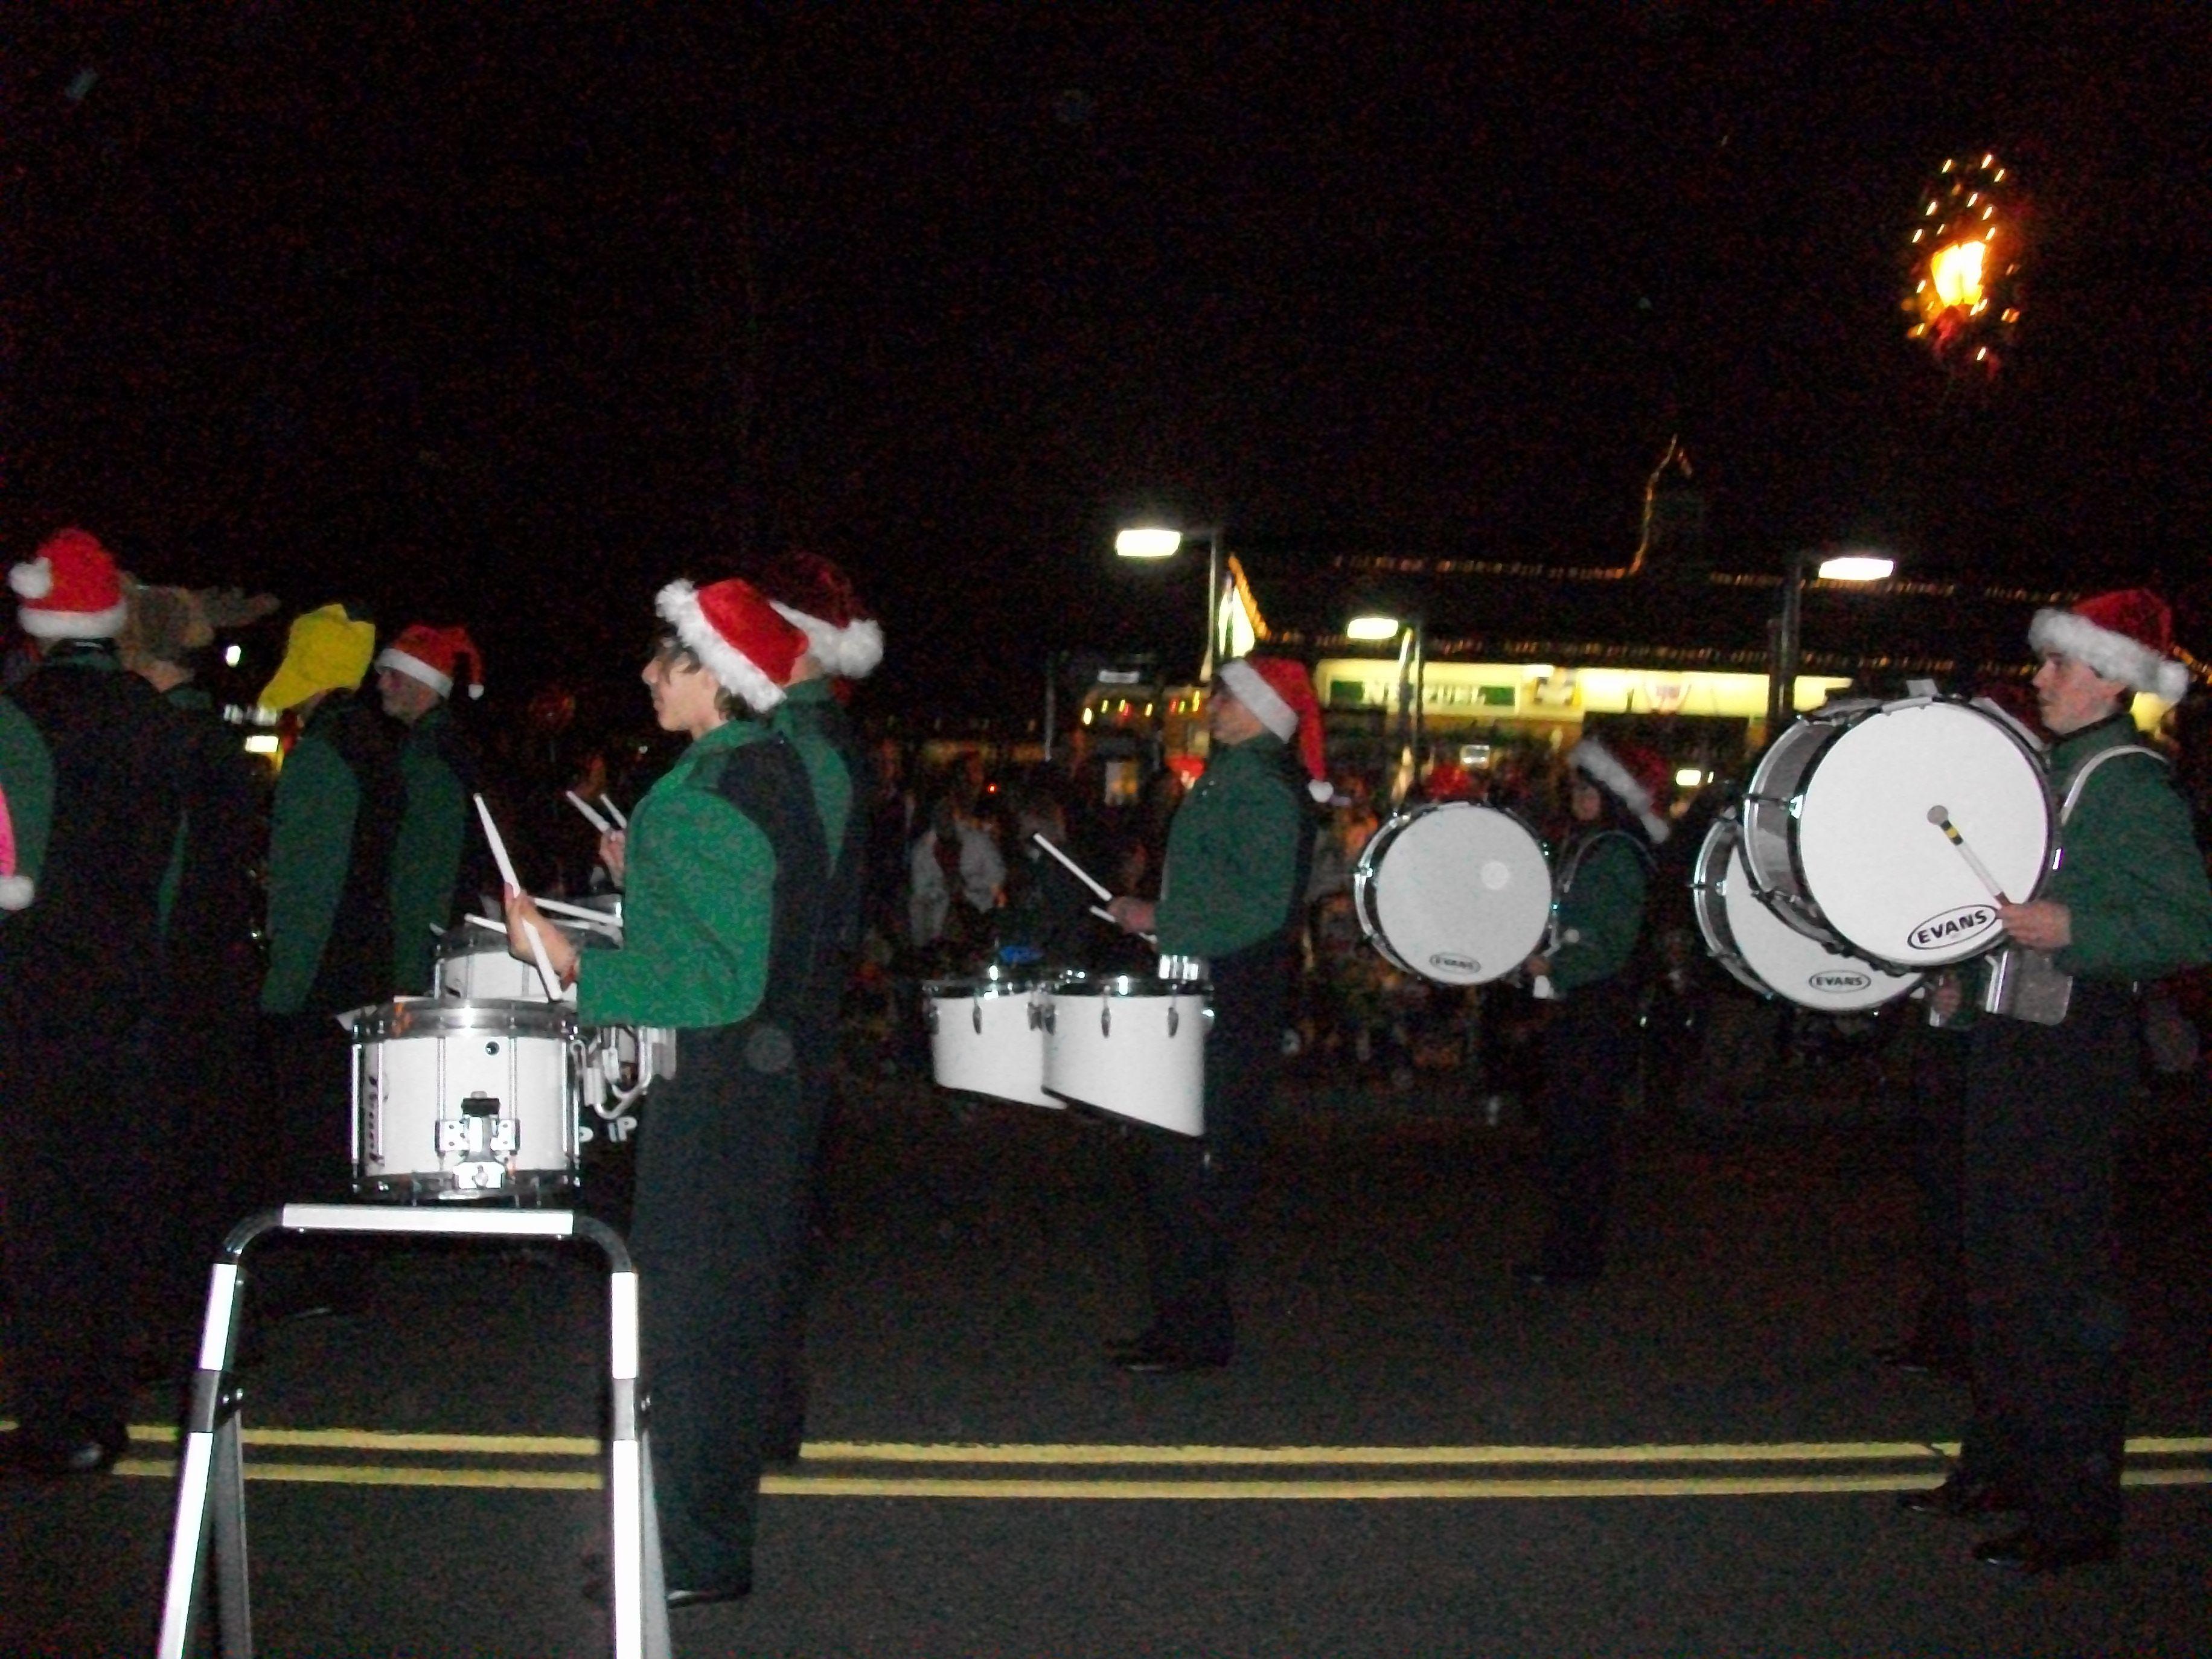 66ee569db87f465b59ea_nphs_pioneer_marching_band_welcomes_santa.jpg